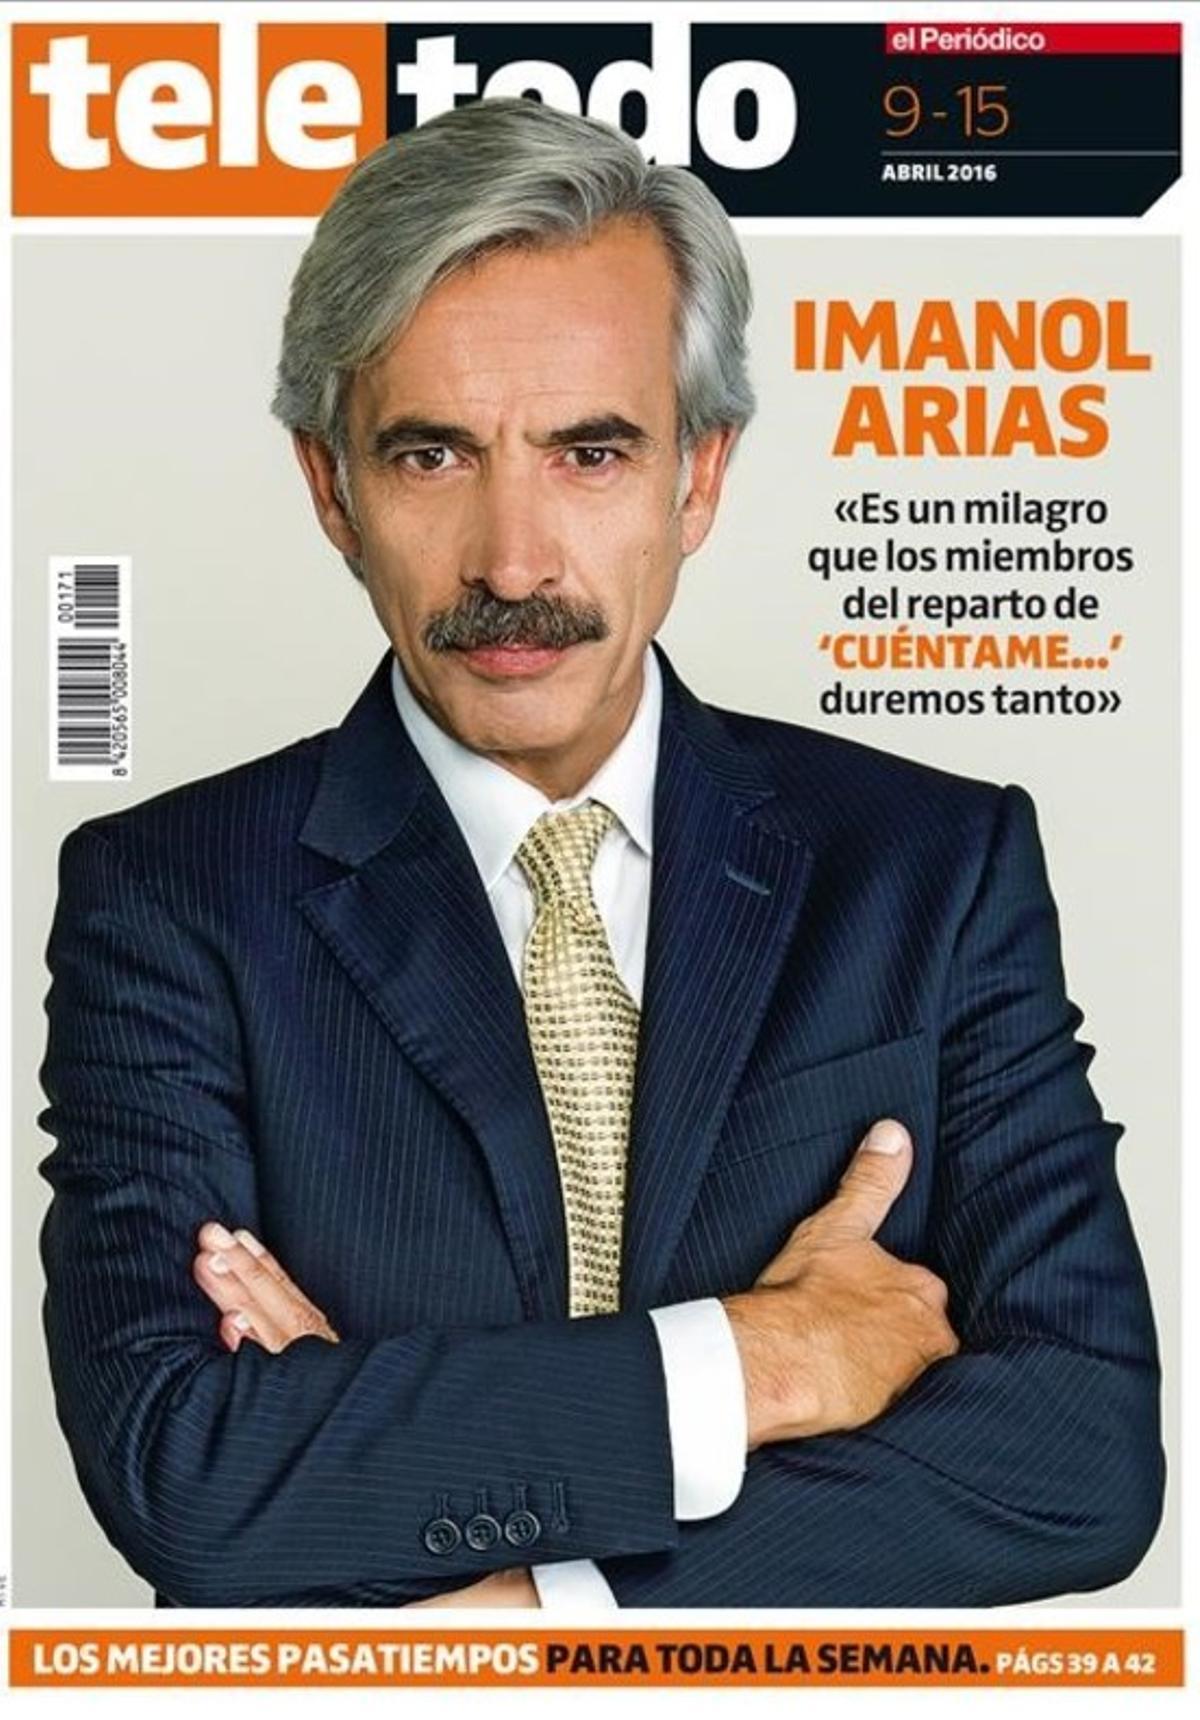 Portada del suplemento 'Teletodo' protagonizada por Imanol Arias, actor de 'Cuéntame...'.